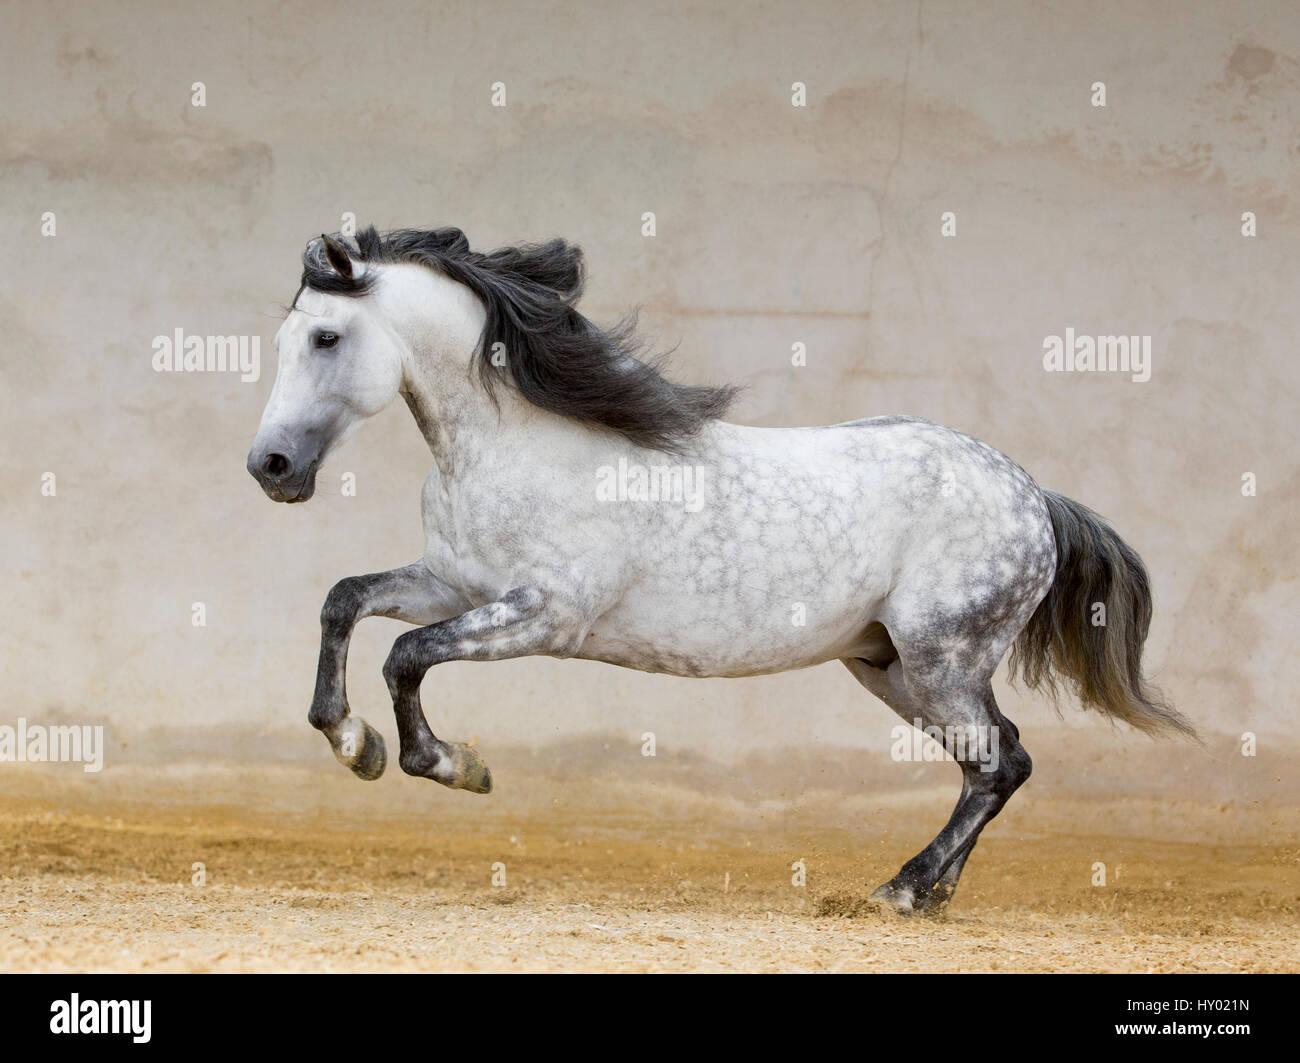 Manchan gris semental andaluz girando en la arena, en el norte de Francia, en Europa. Imagen De Stock